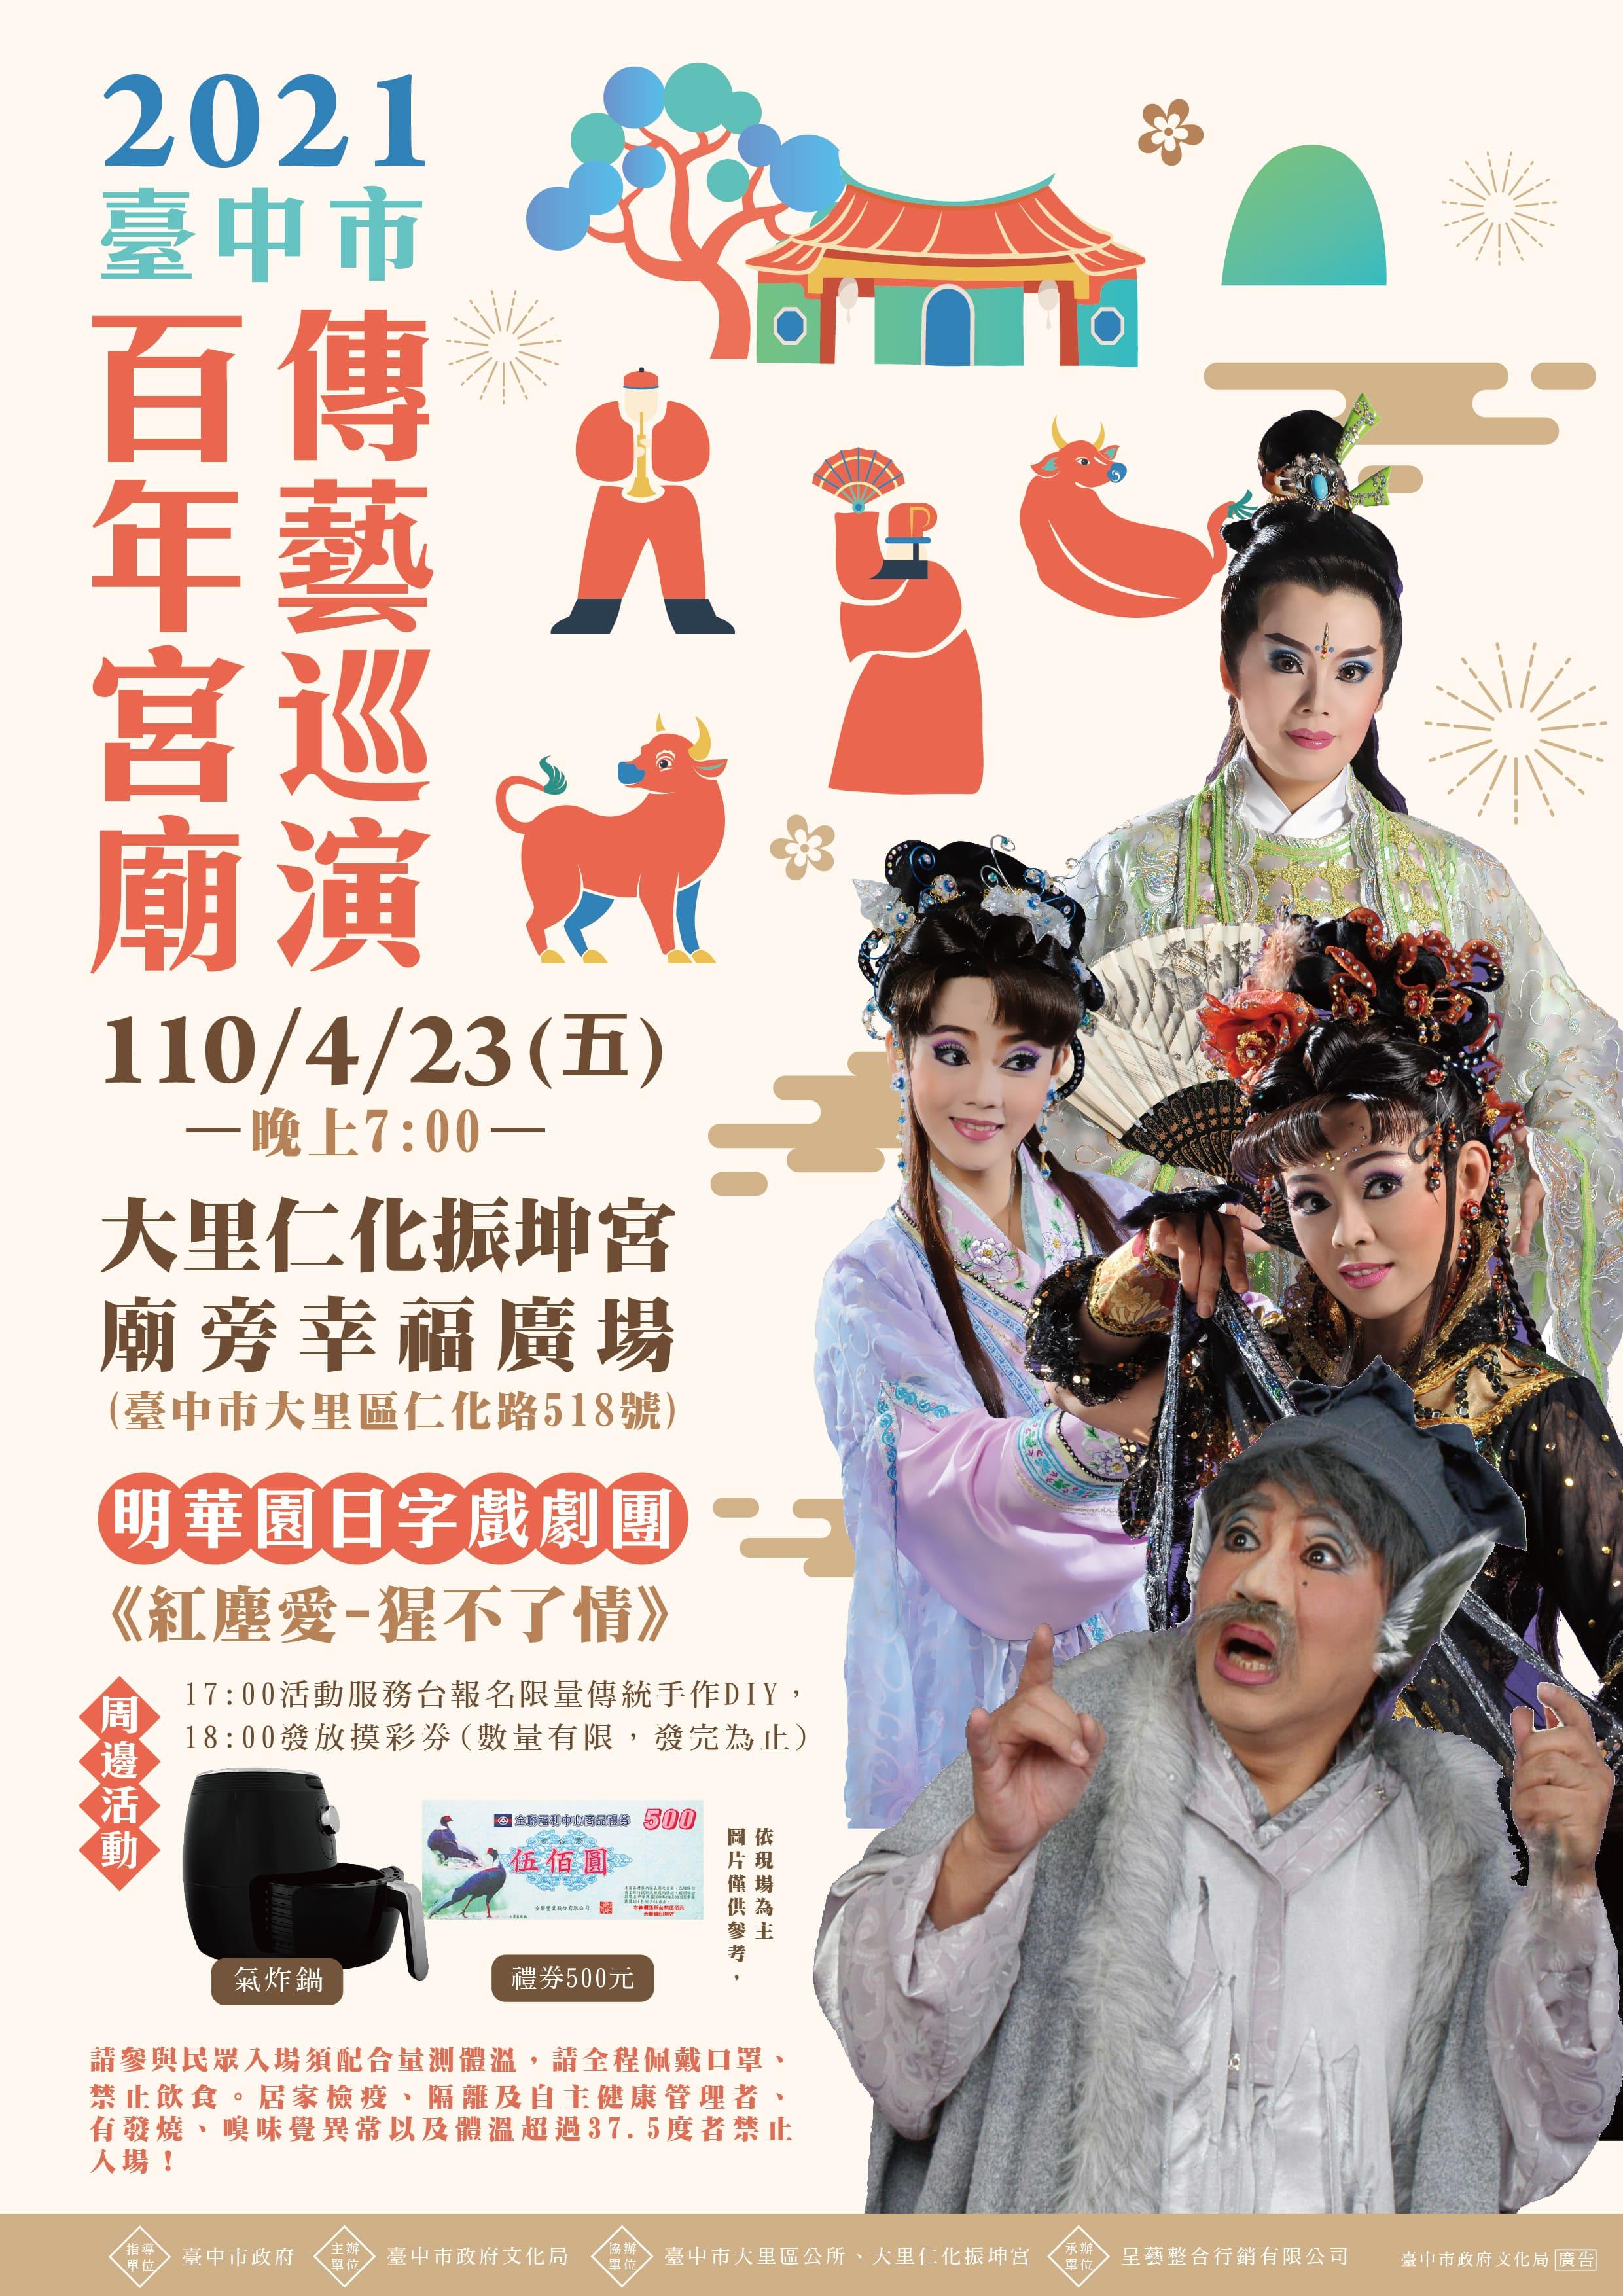 2021臺中市傳統藝術巡演活動